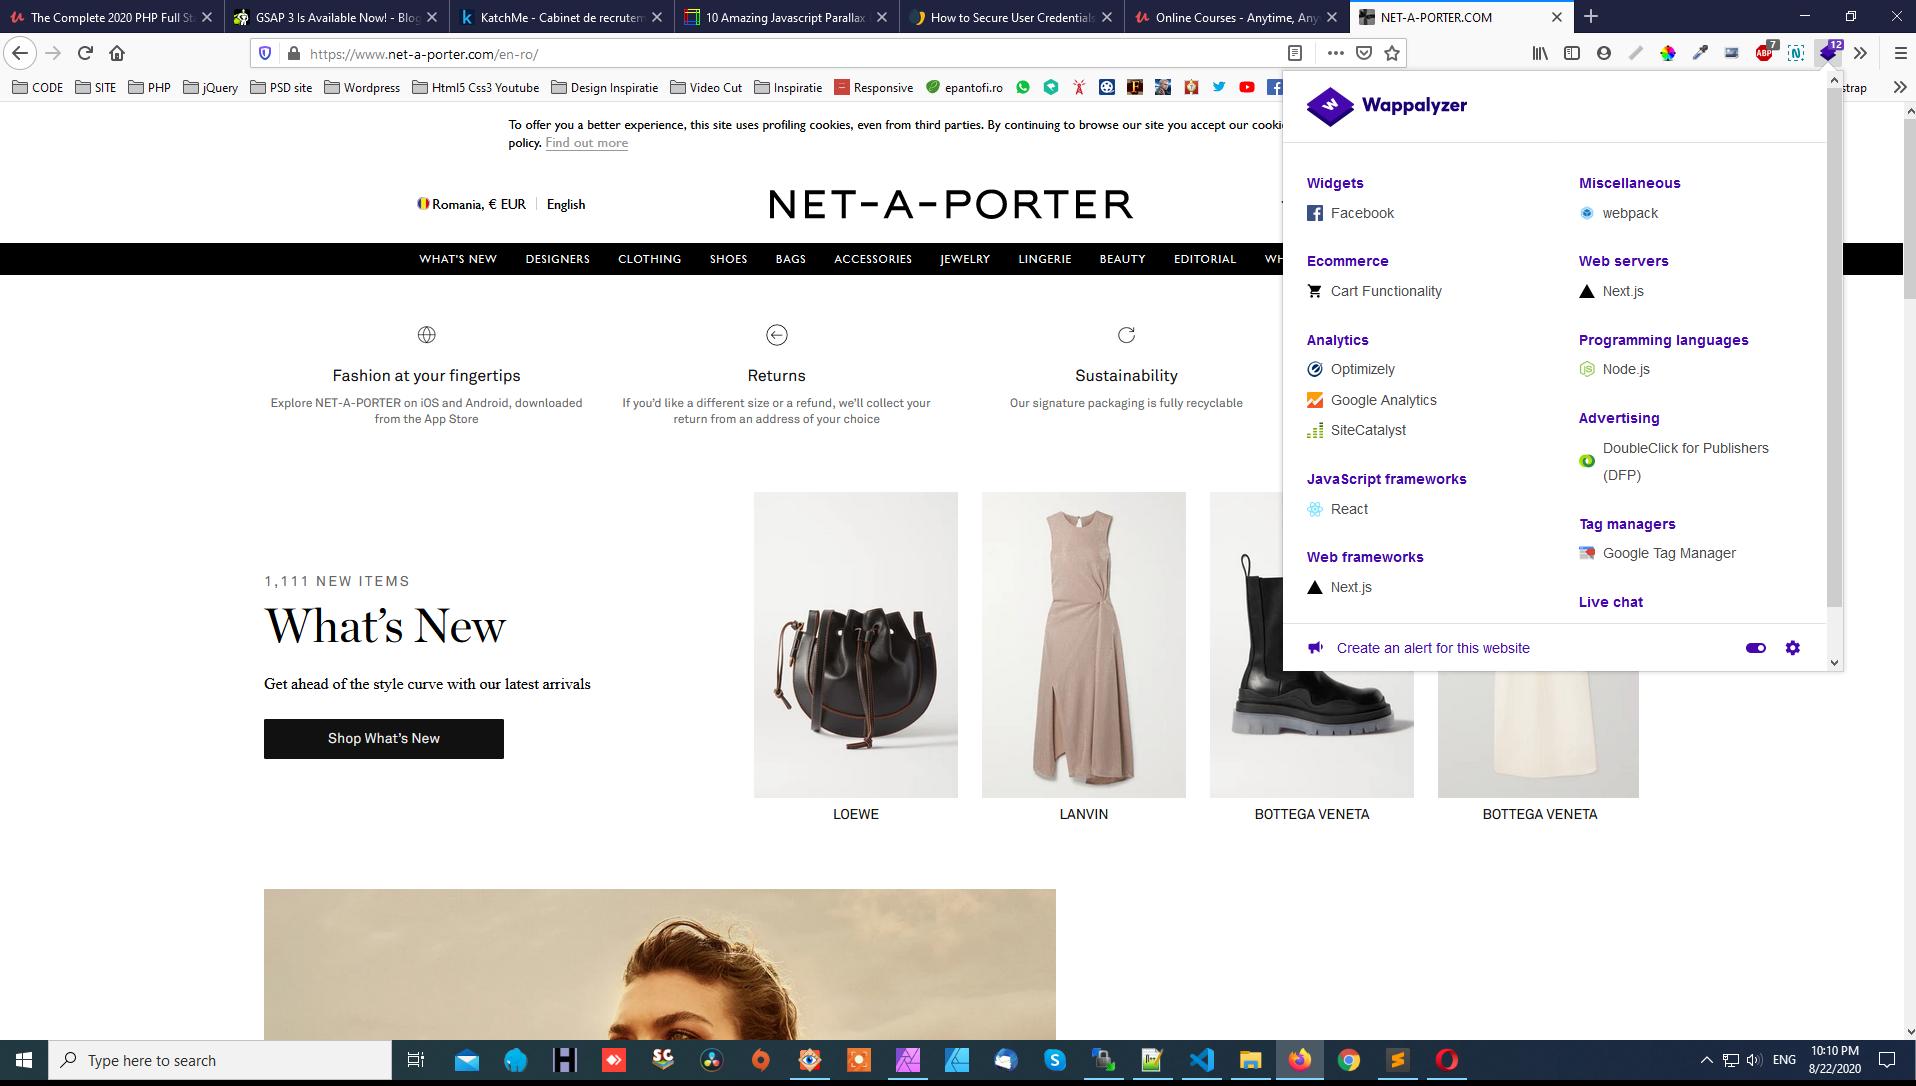 Wappalyzer, extensia care indentifica ce tehnologii foloseste un site